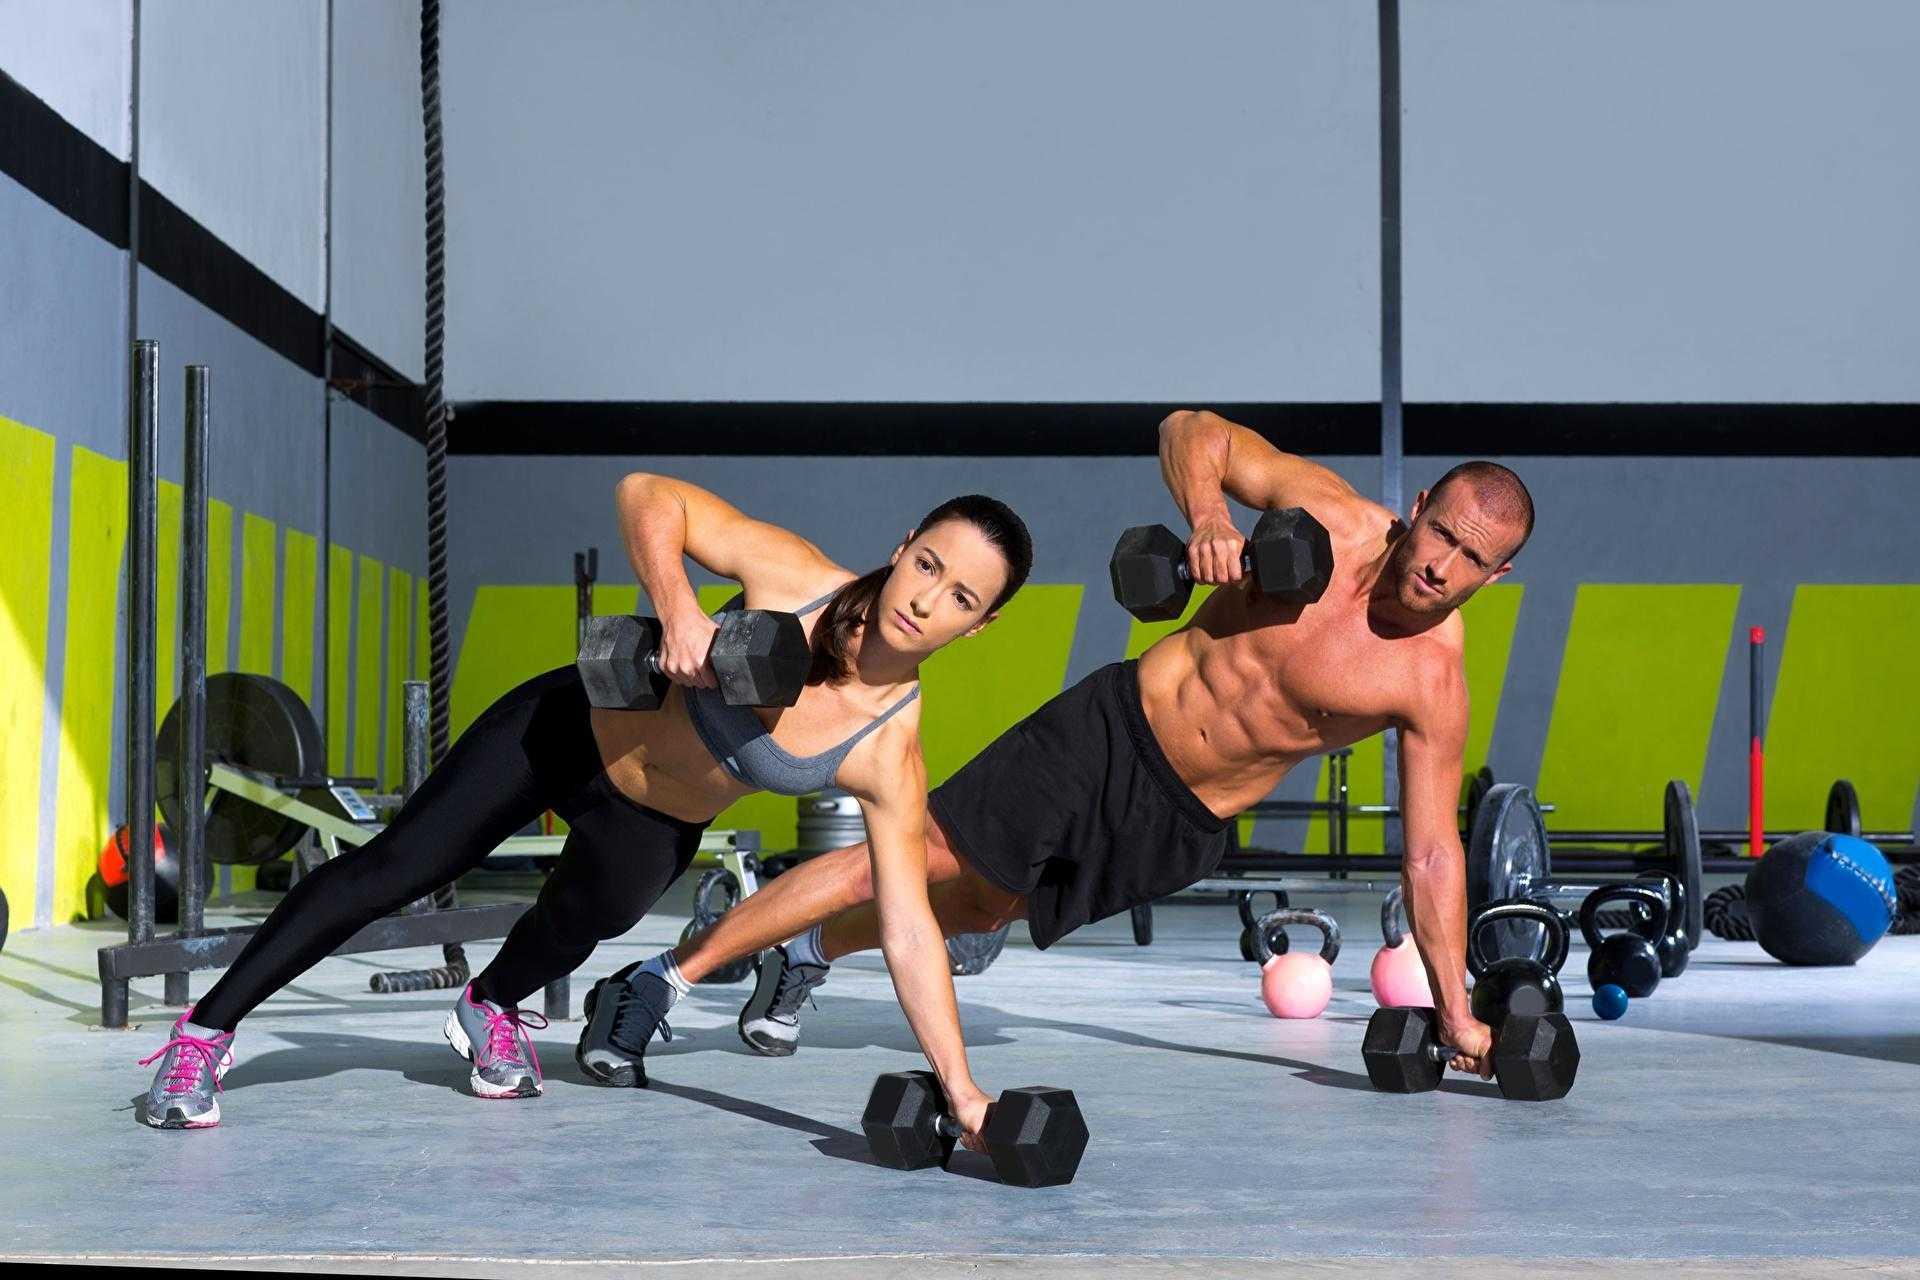 Тренировки дома для девушек: готовый план упражнений для всего тела